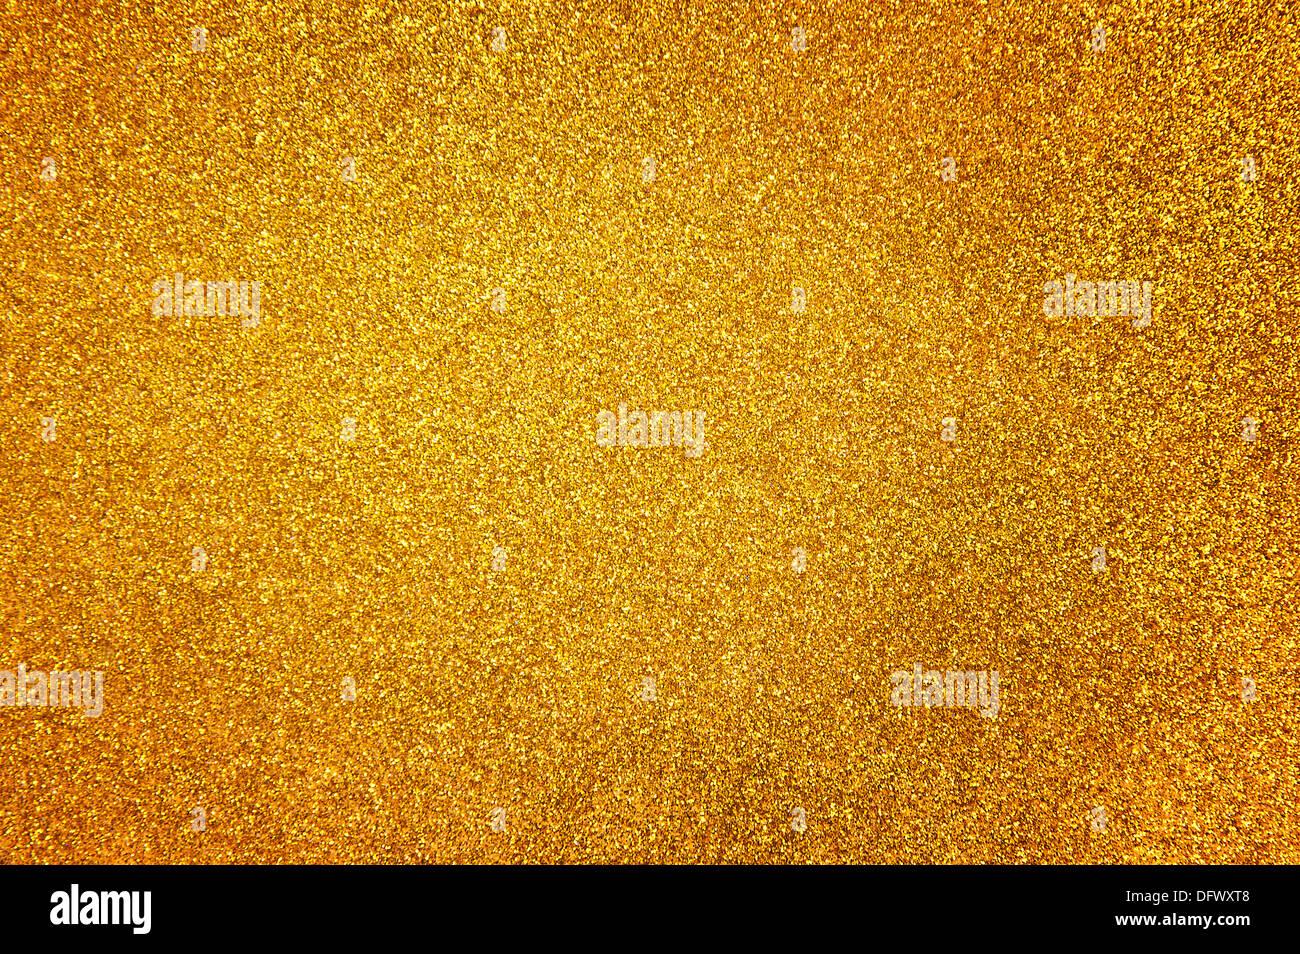 Abstrakte goldenen Glitzer Hintergrund Stockbild